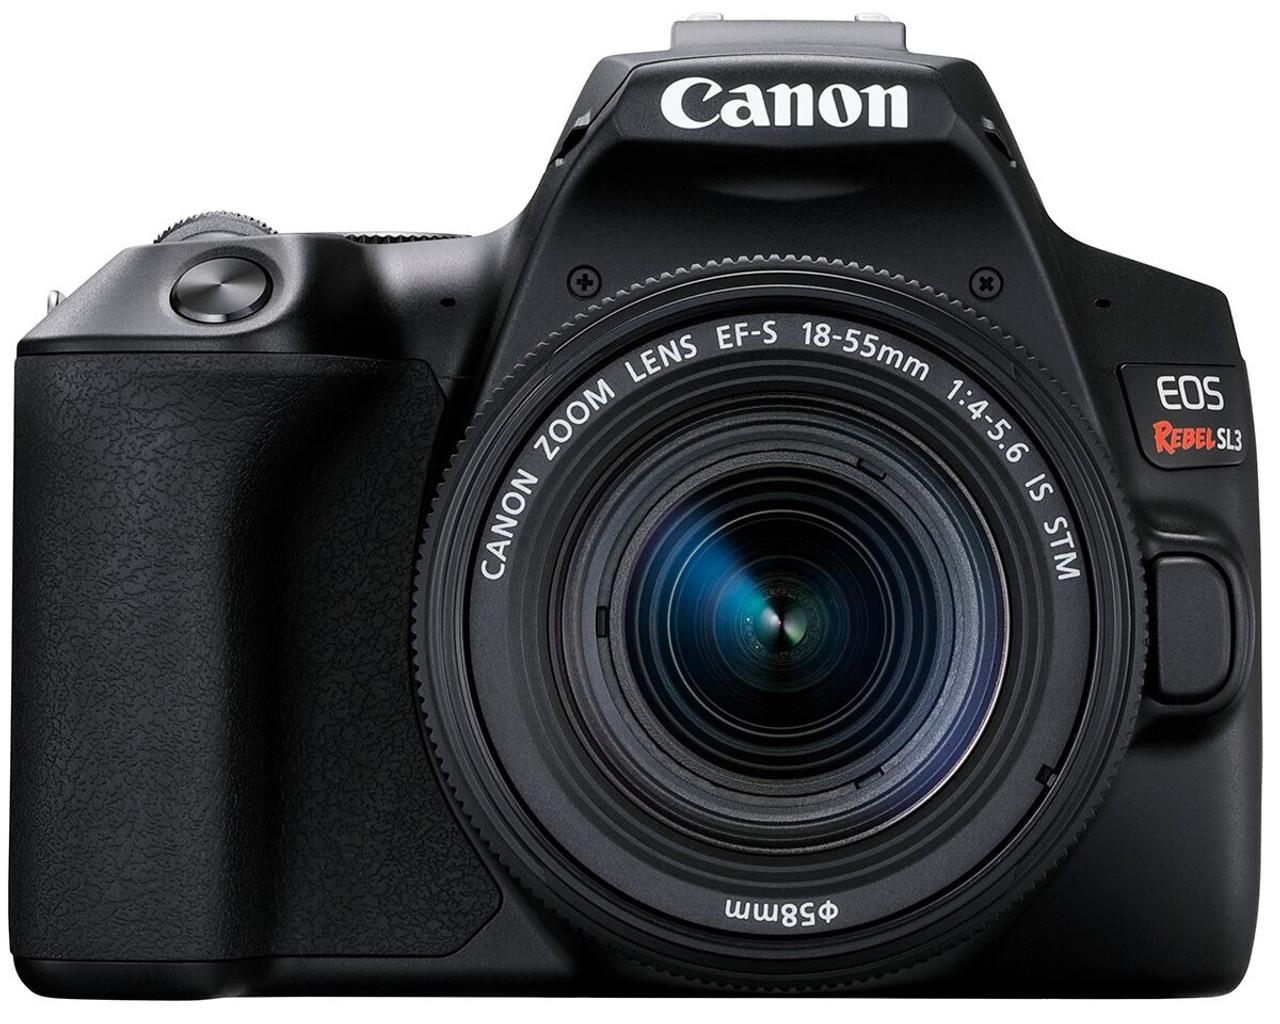 Canon EOS Digital Rebel SL3 DSLR Camera with EF-S18-55mm IS STM Lens